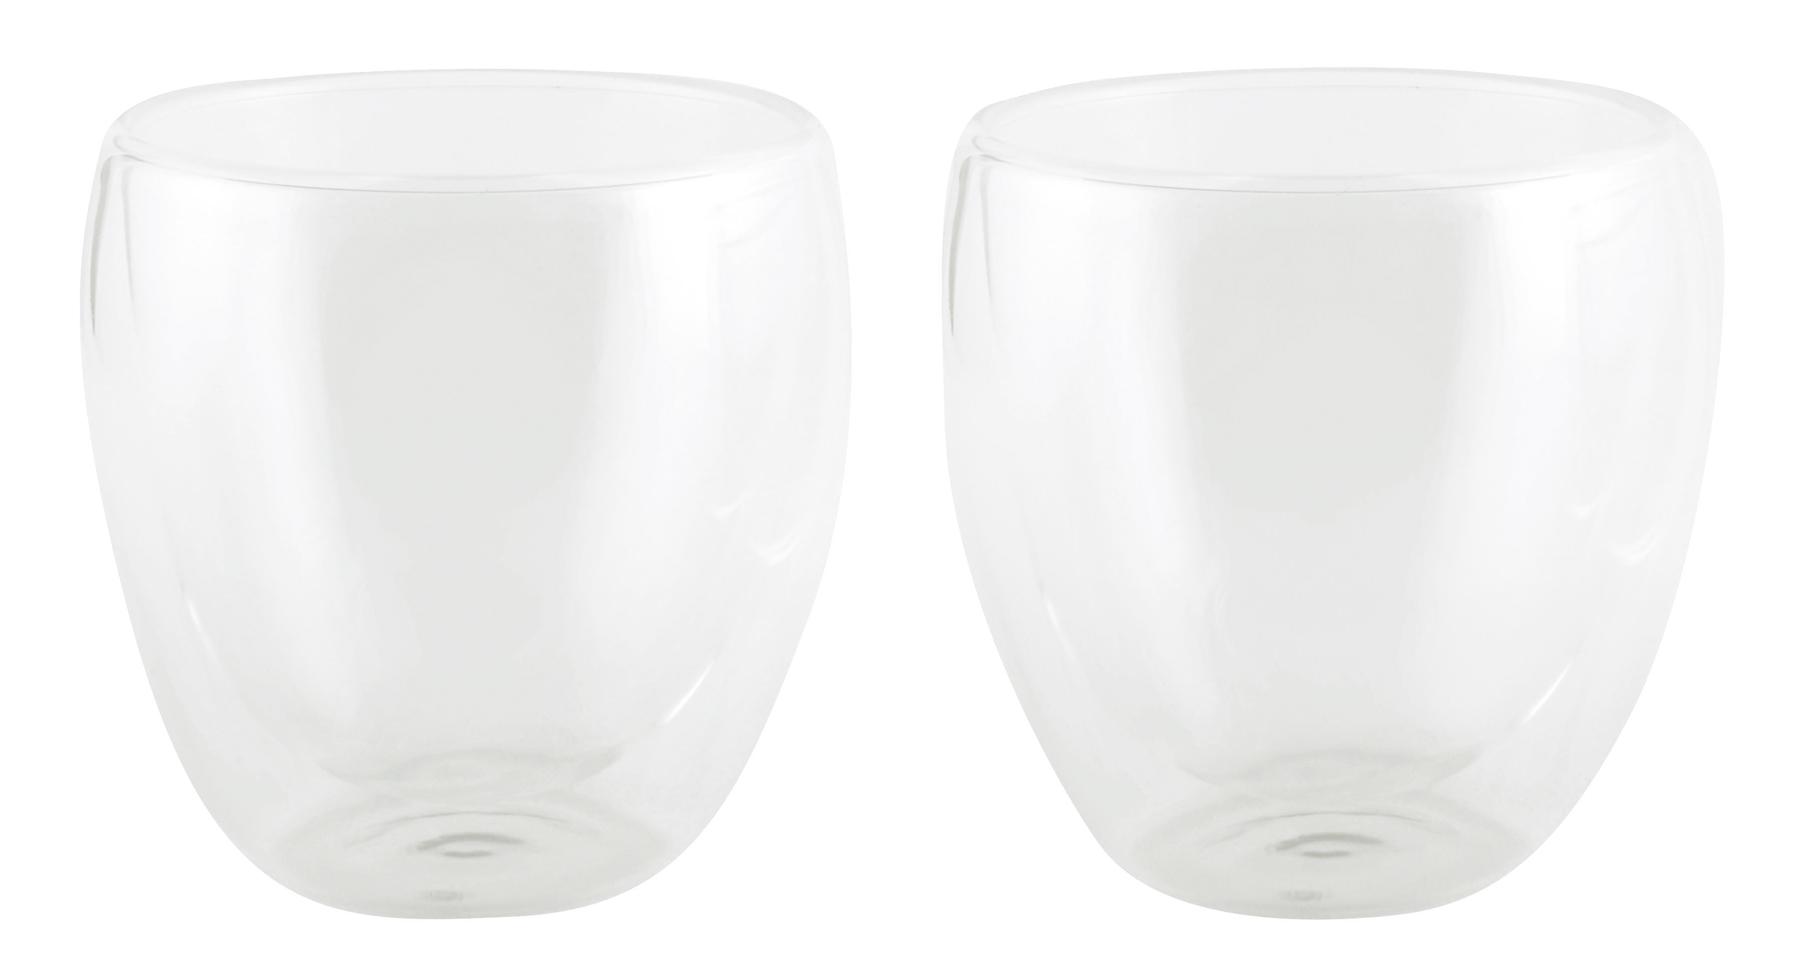 Zestaw 2 szklanek DRINK LINE, transparentny